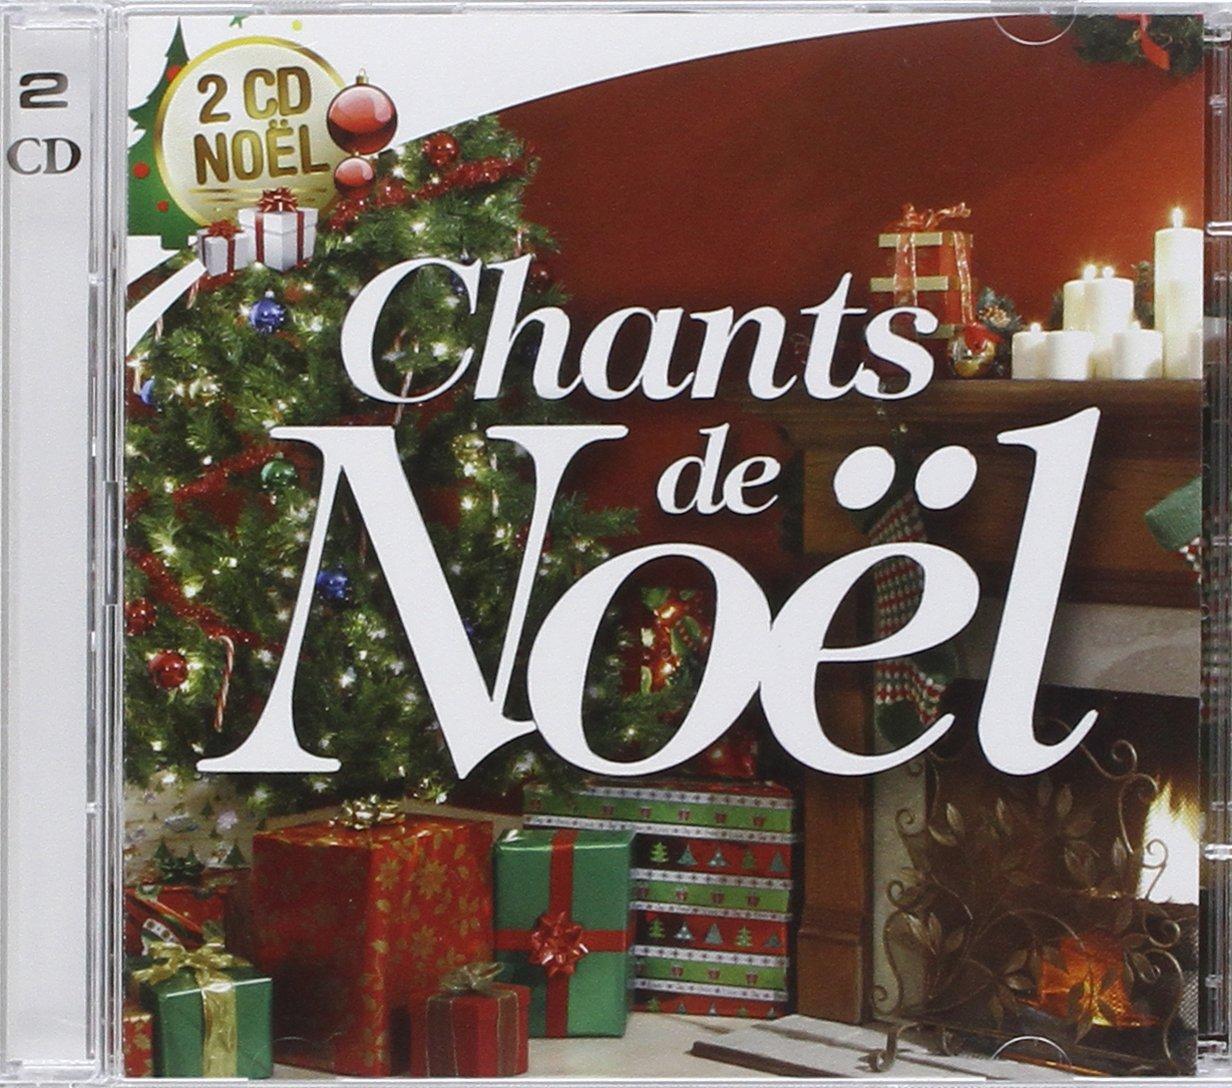 Cd Chants De Noel Various   Chants de Noel (2 CD)   Amazon.Music